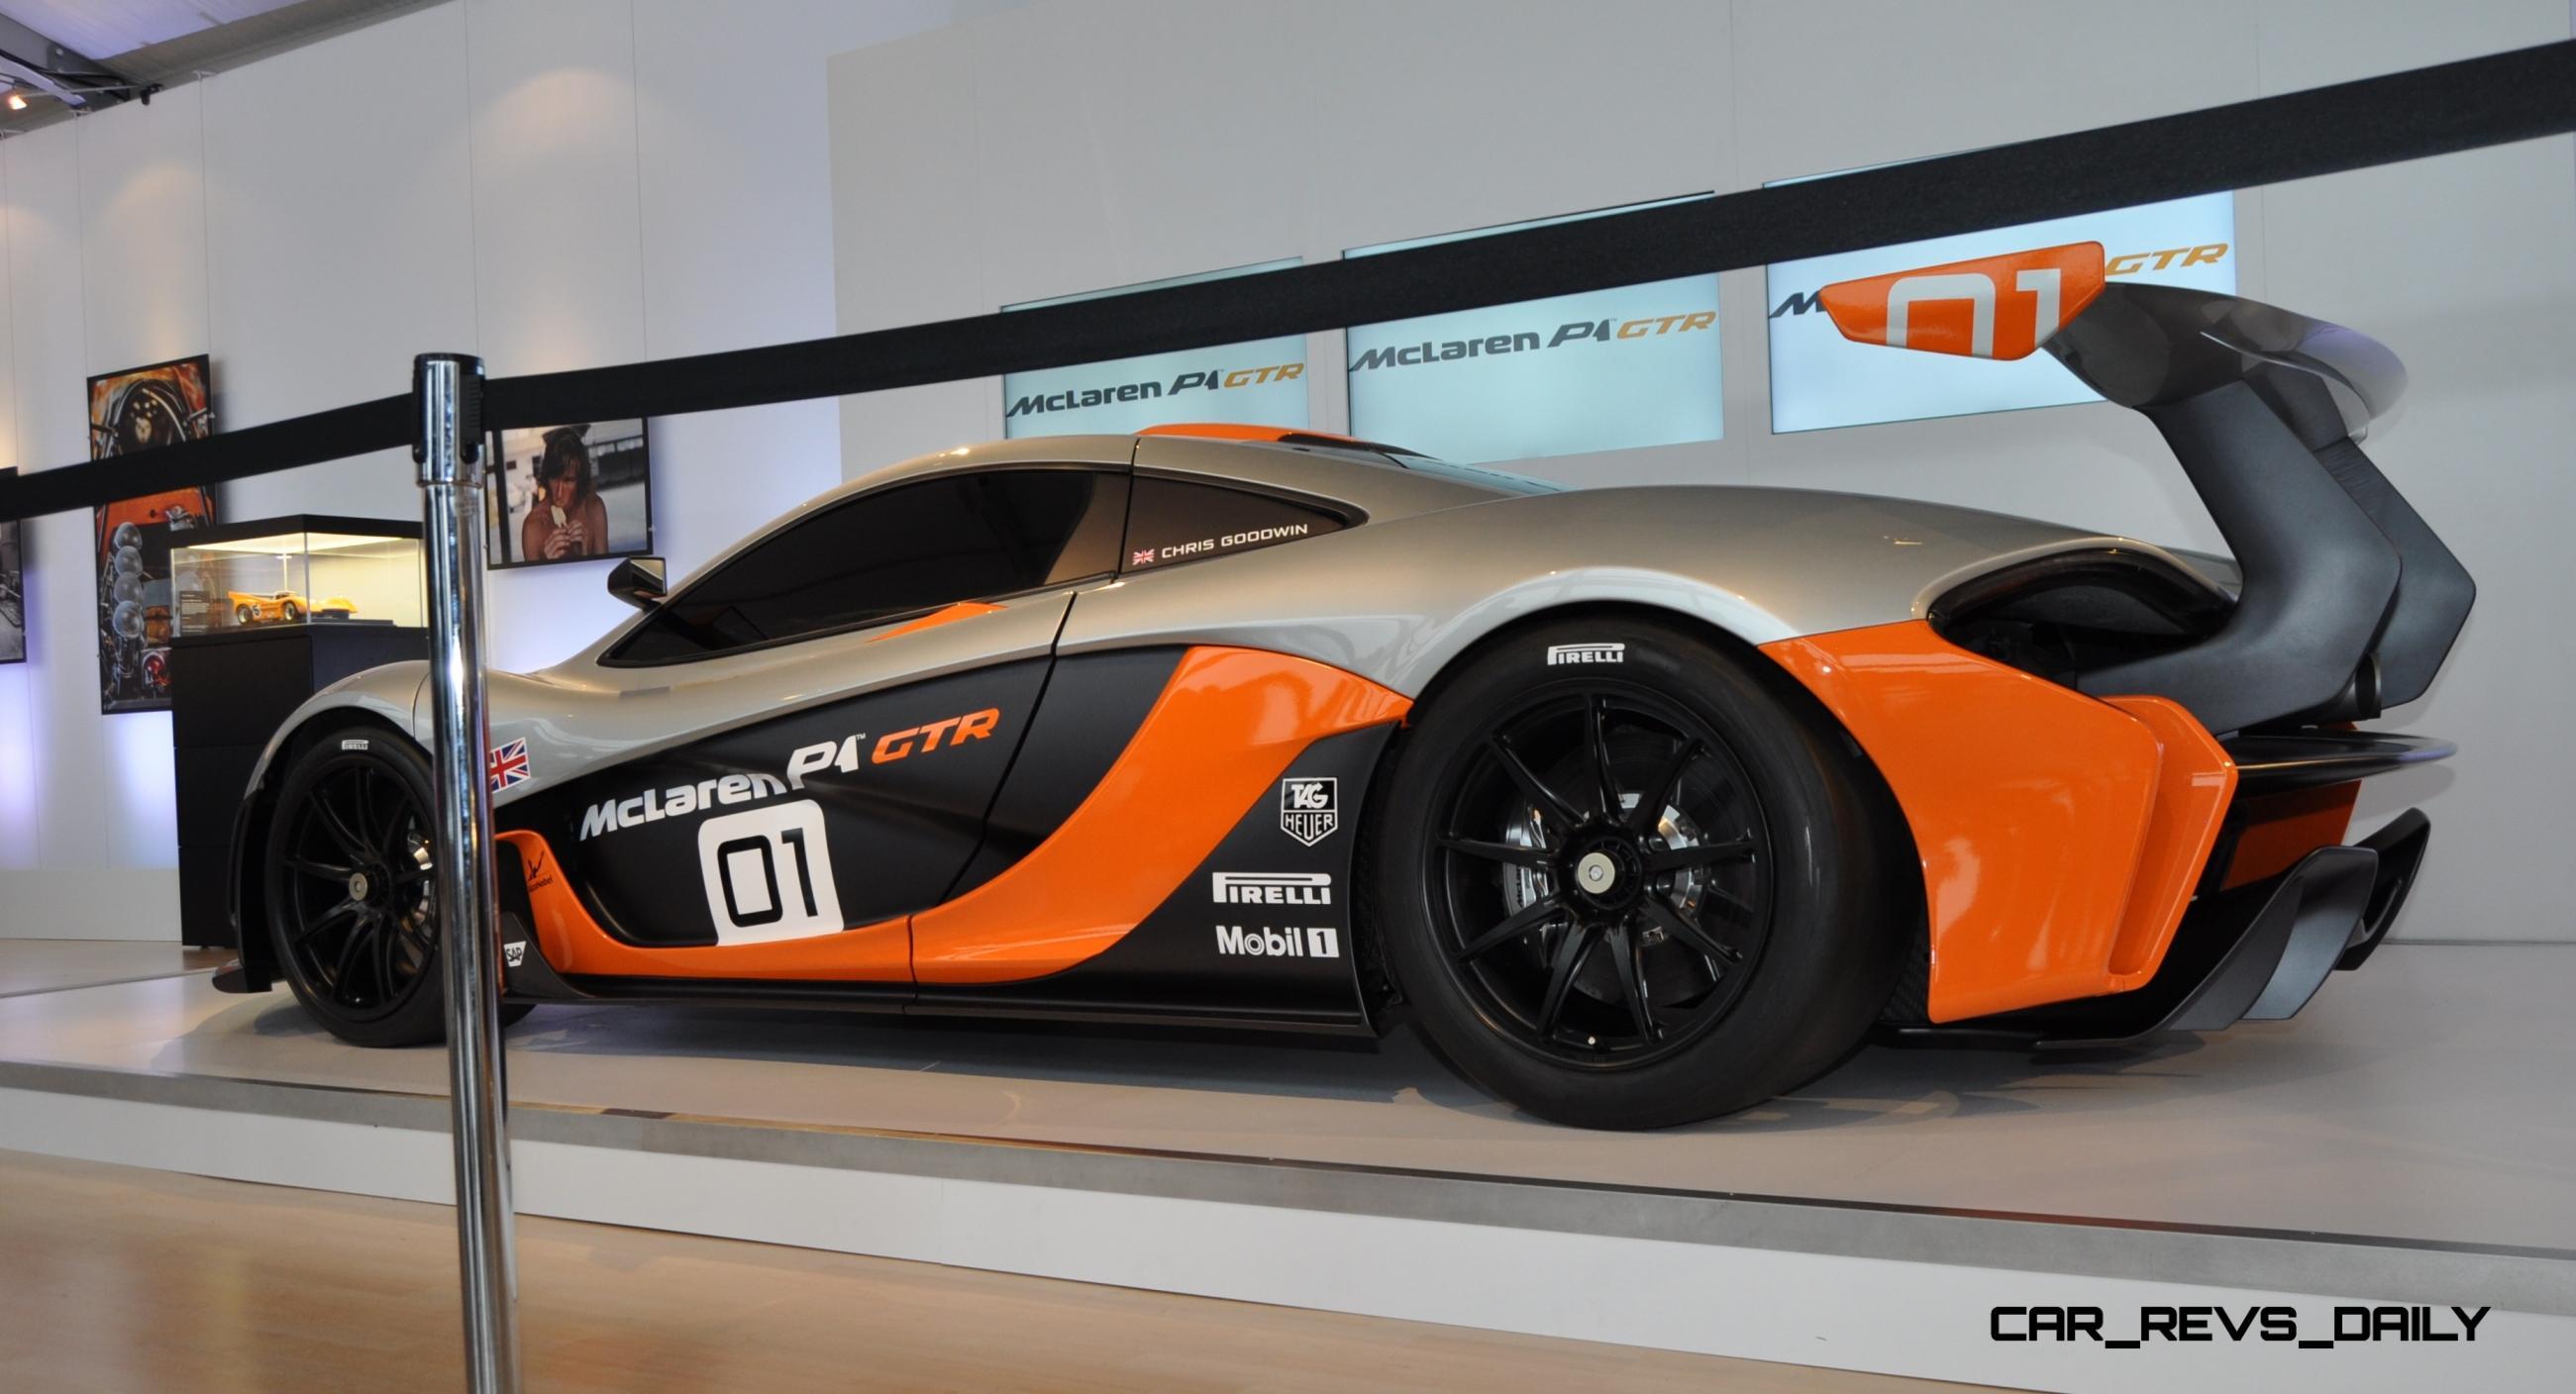 2015 McLaren P1 GTR - Pebble Beach World Debut in 55 High-Res Photos 41